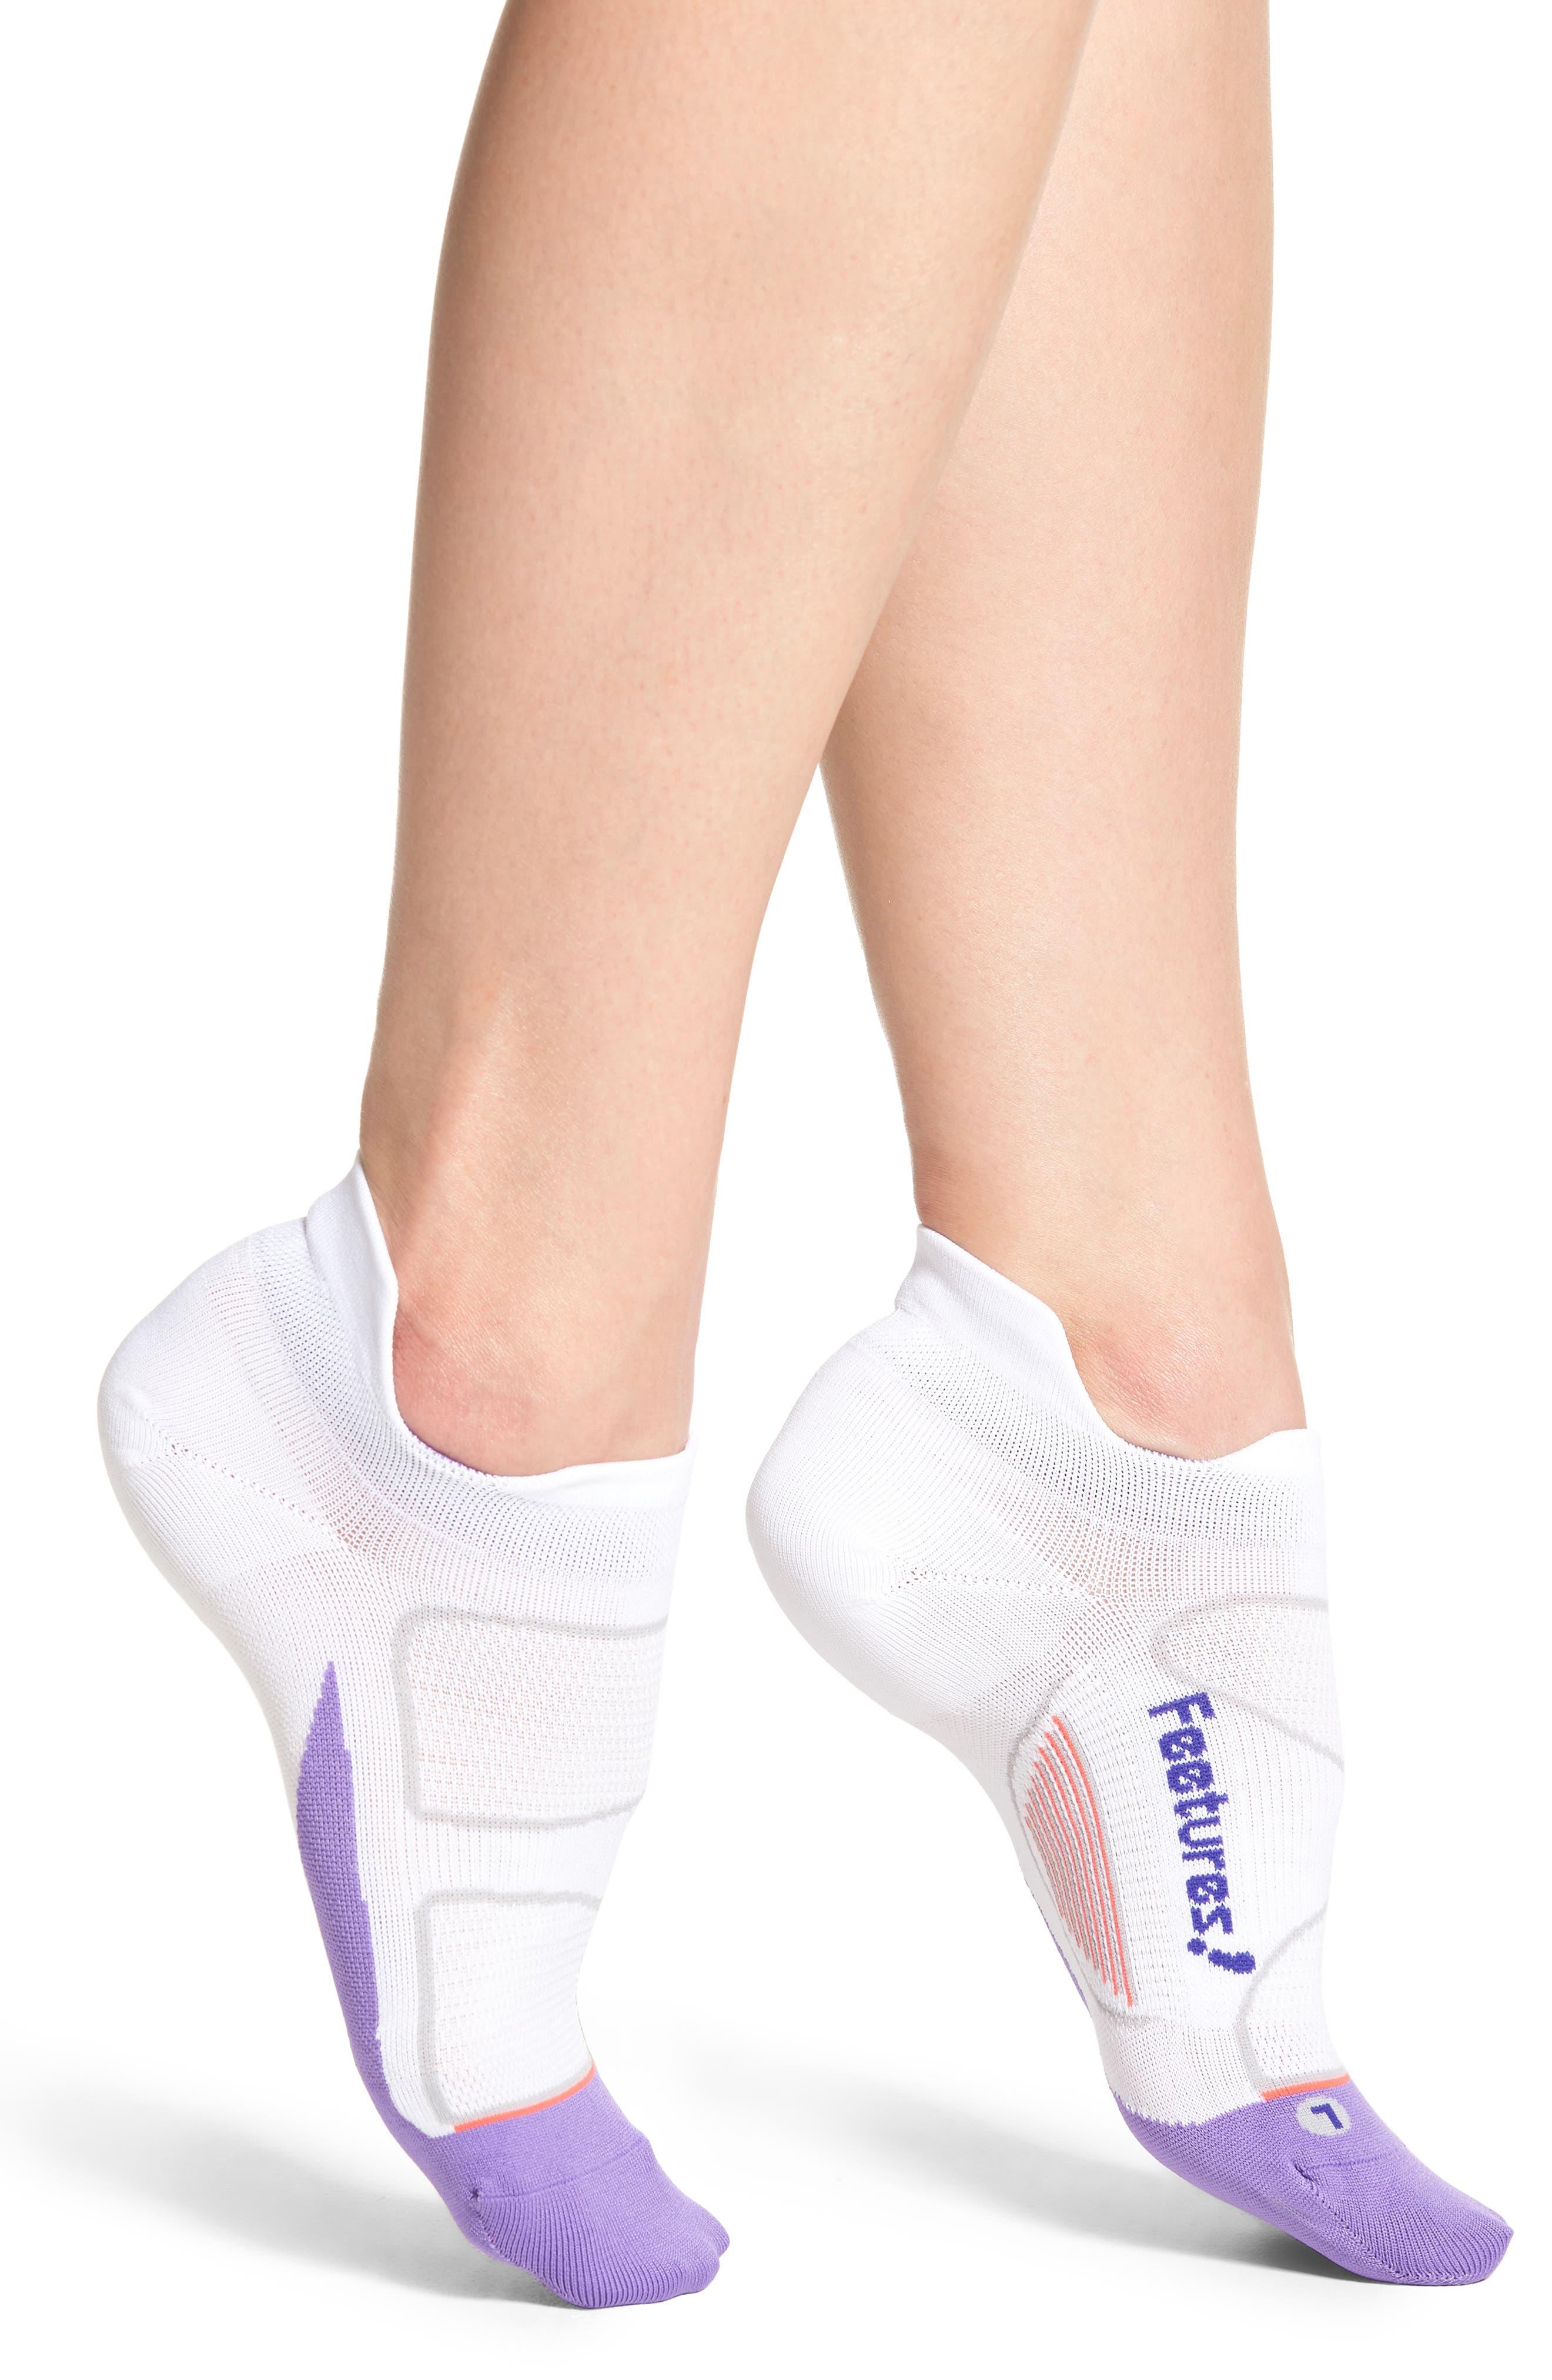 Feetures Elite Ultra Light No-Show Running Socks